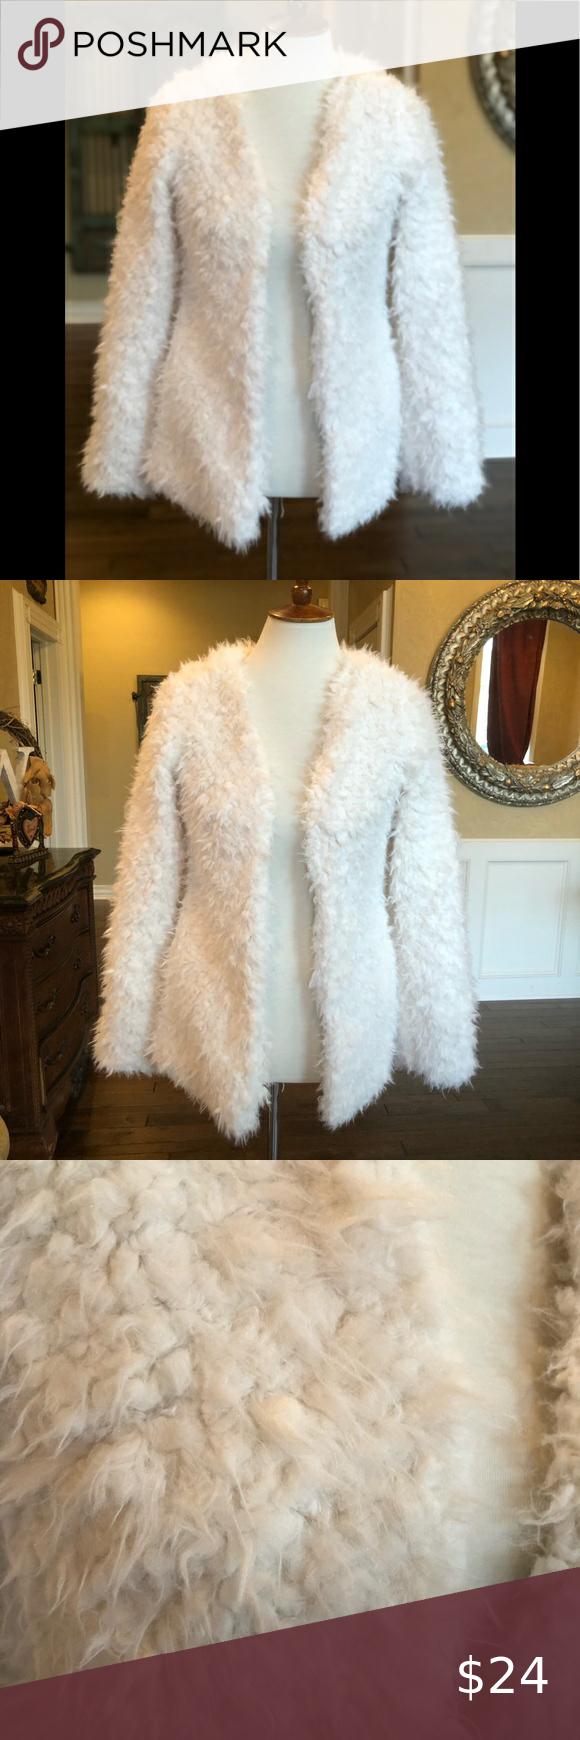 White Fluffy Faux Ambiance Size S Jacket Coat Faux Jacket Coats Jackets Coat [ 1740 x 580 Pixel ]